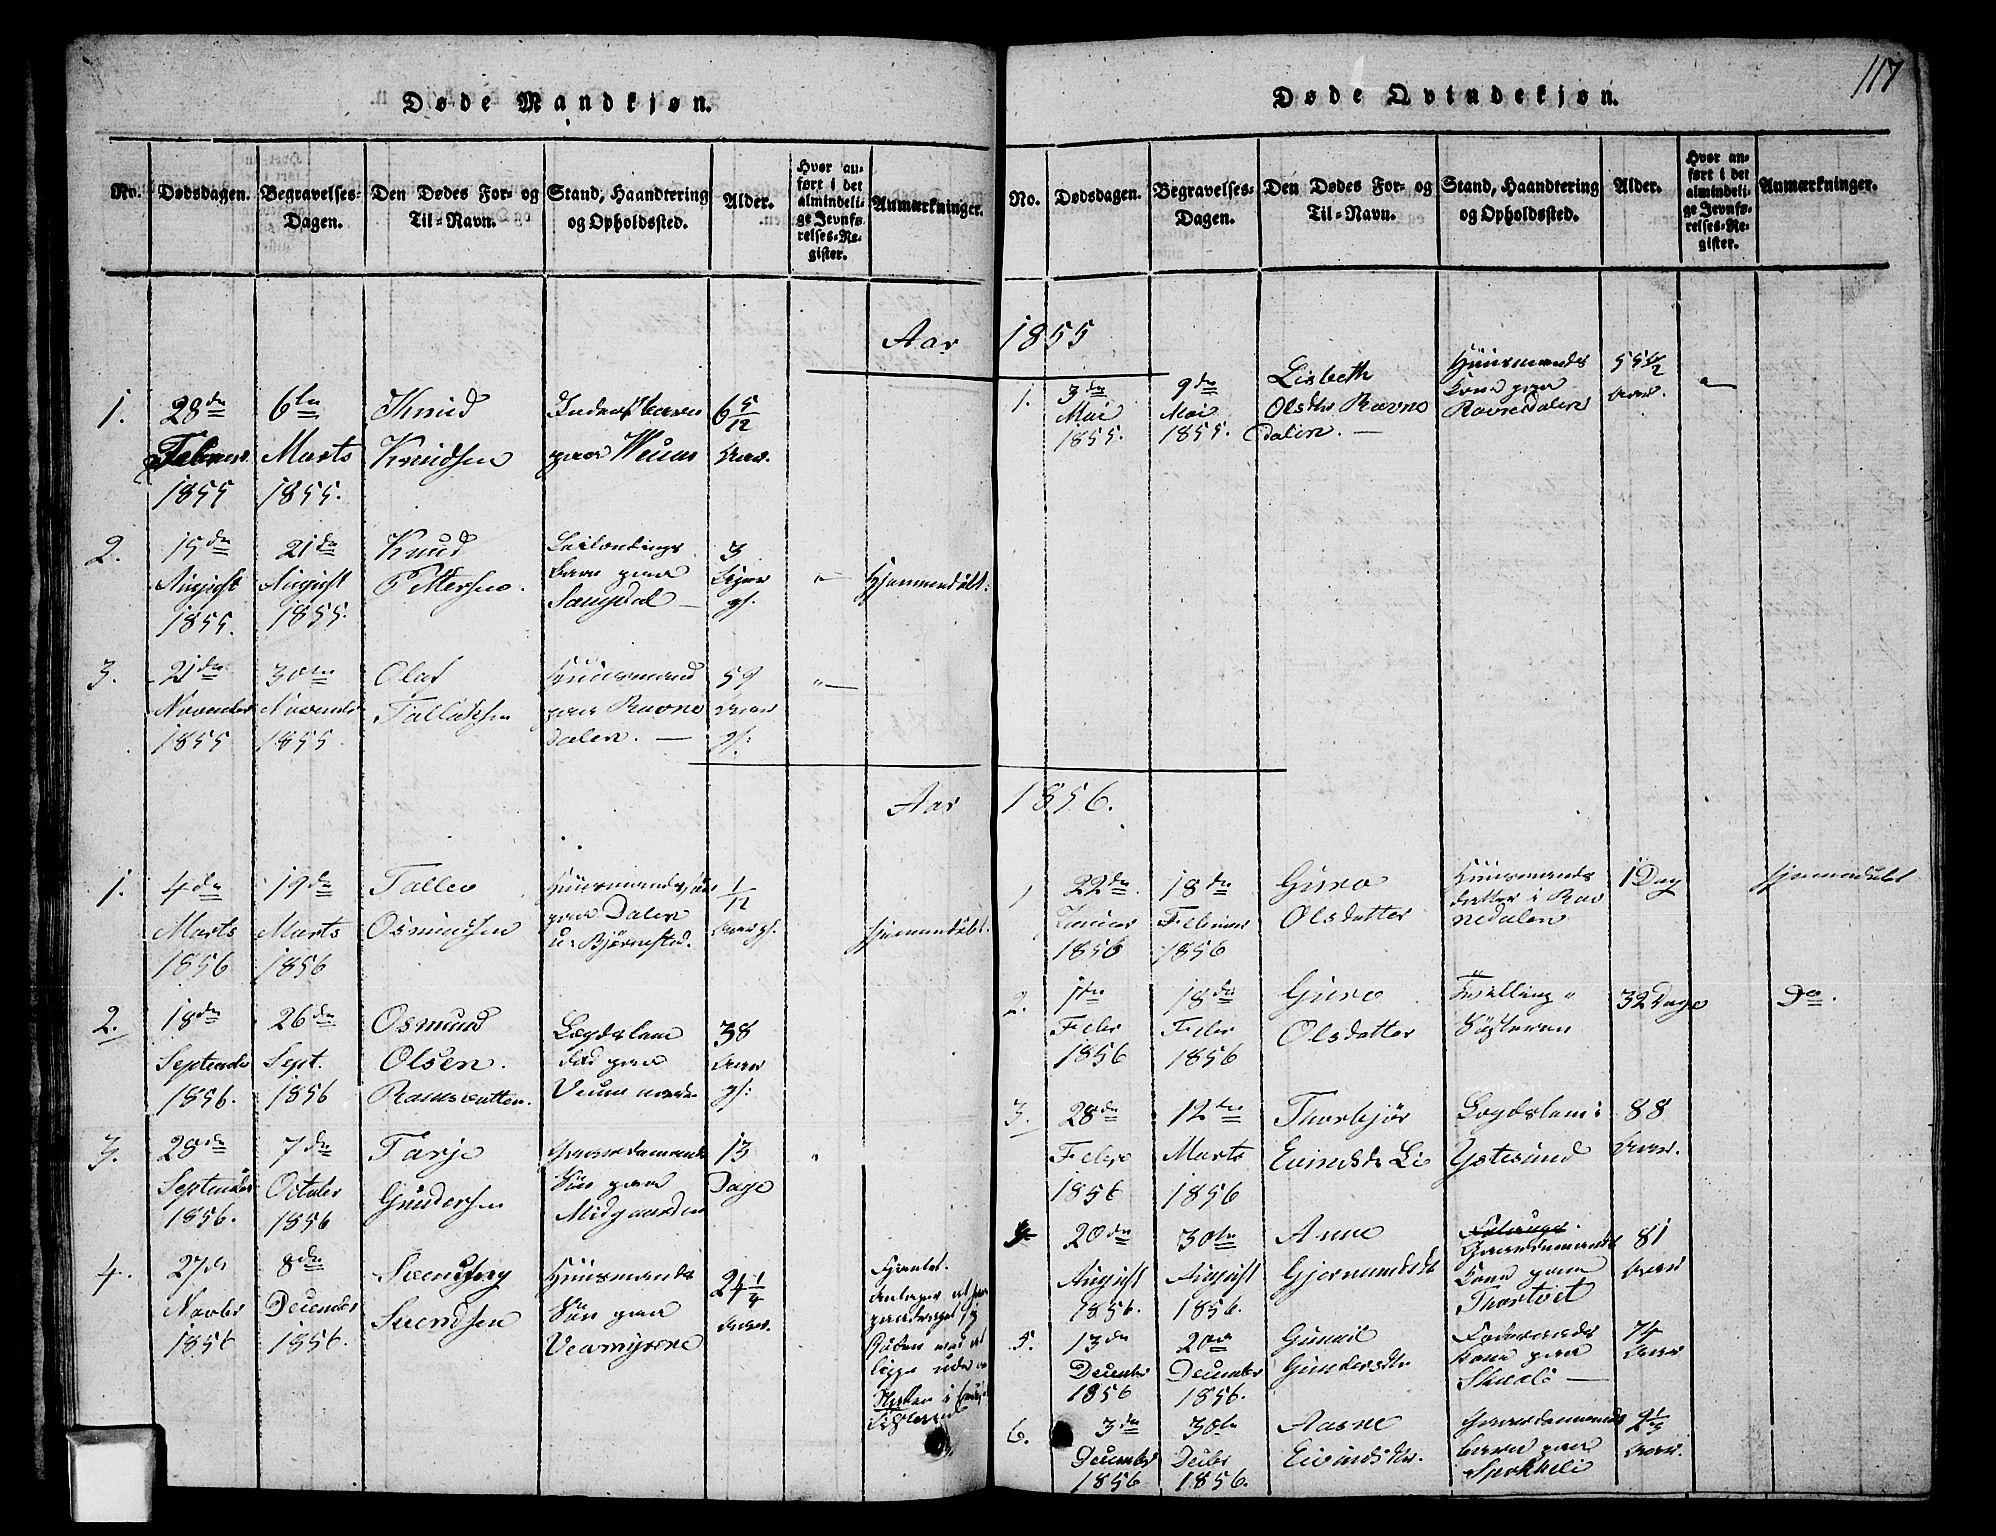 SAKO, Fyresdal kirkebøker, G/Ga/L0003: Klokkerbok nr. I 3, 1815-1863, s. 117